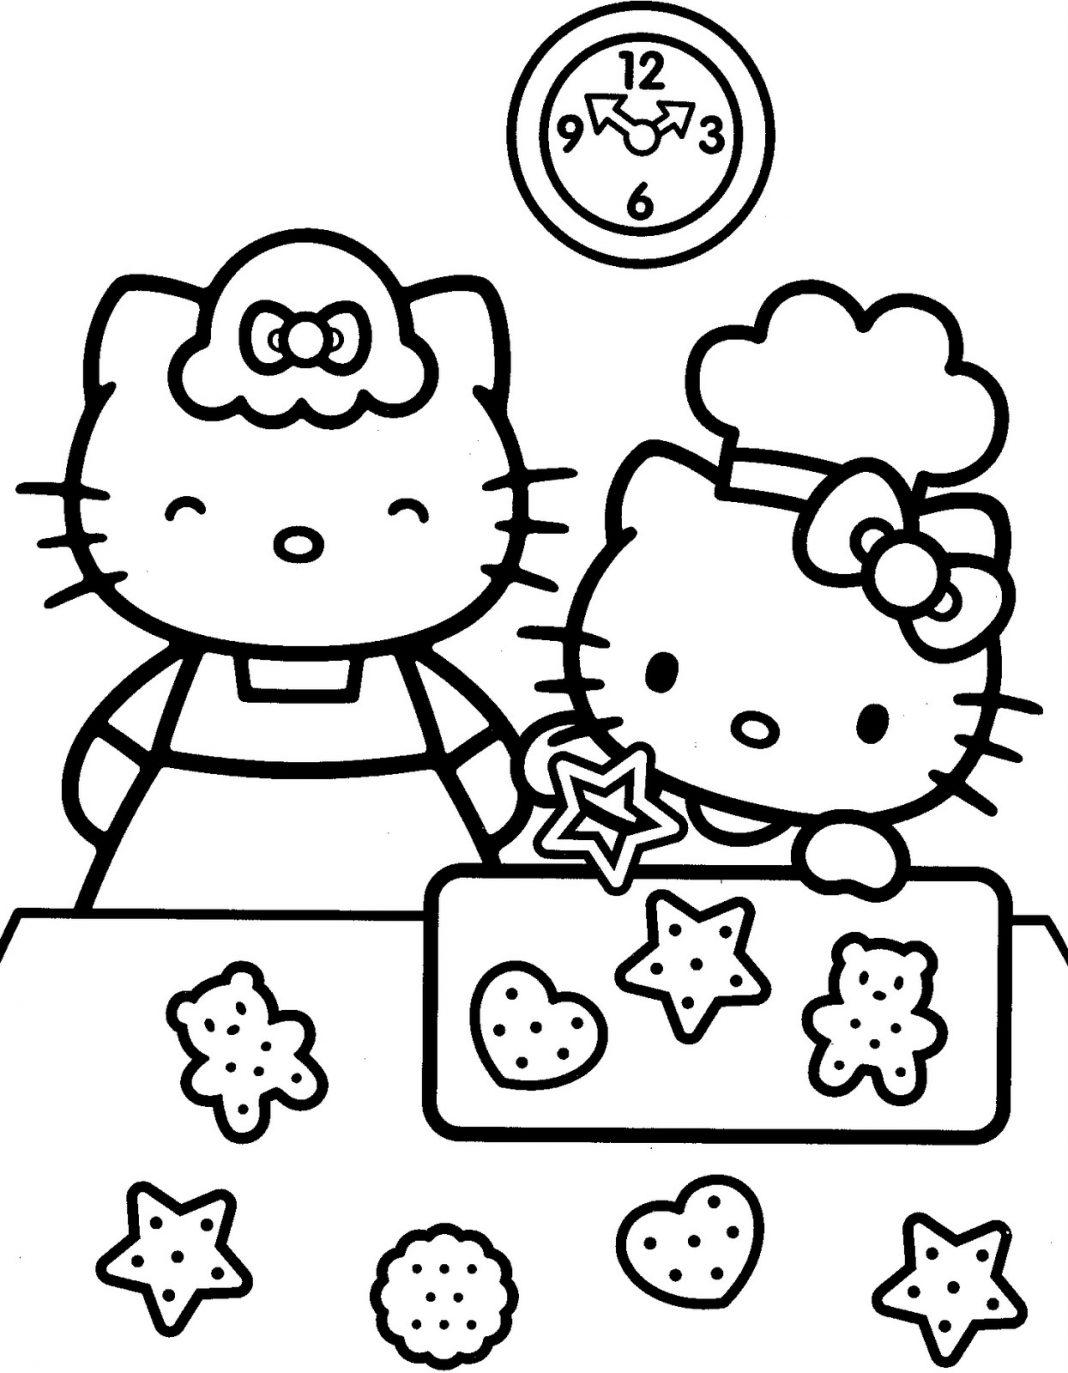 Các mẫu tranh tô màu Hello Kitty đẹp và dễ thương nhất